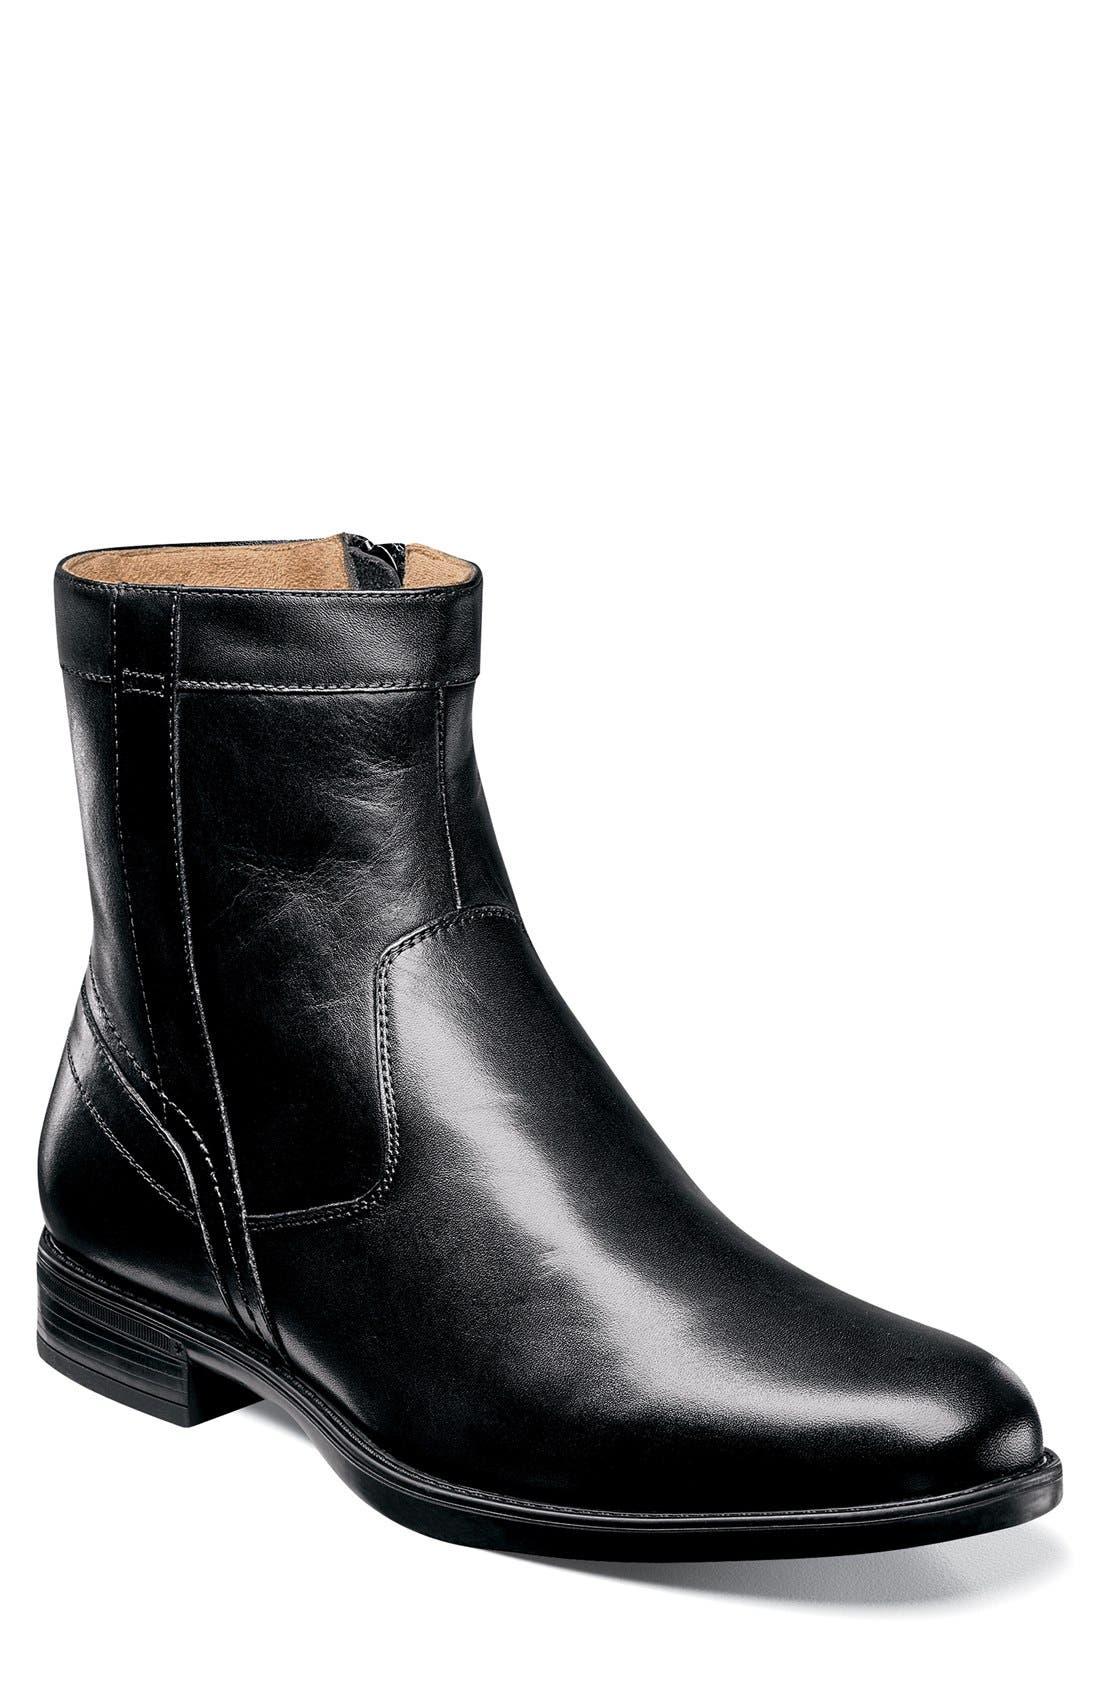 'Midtown' Zip Boot